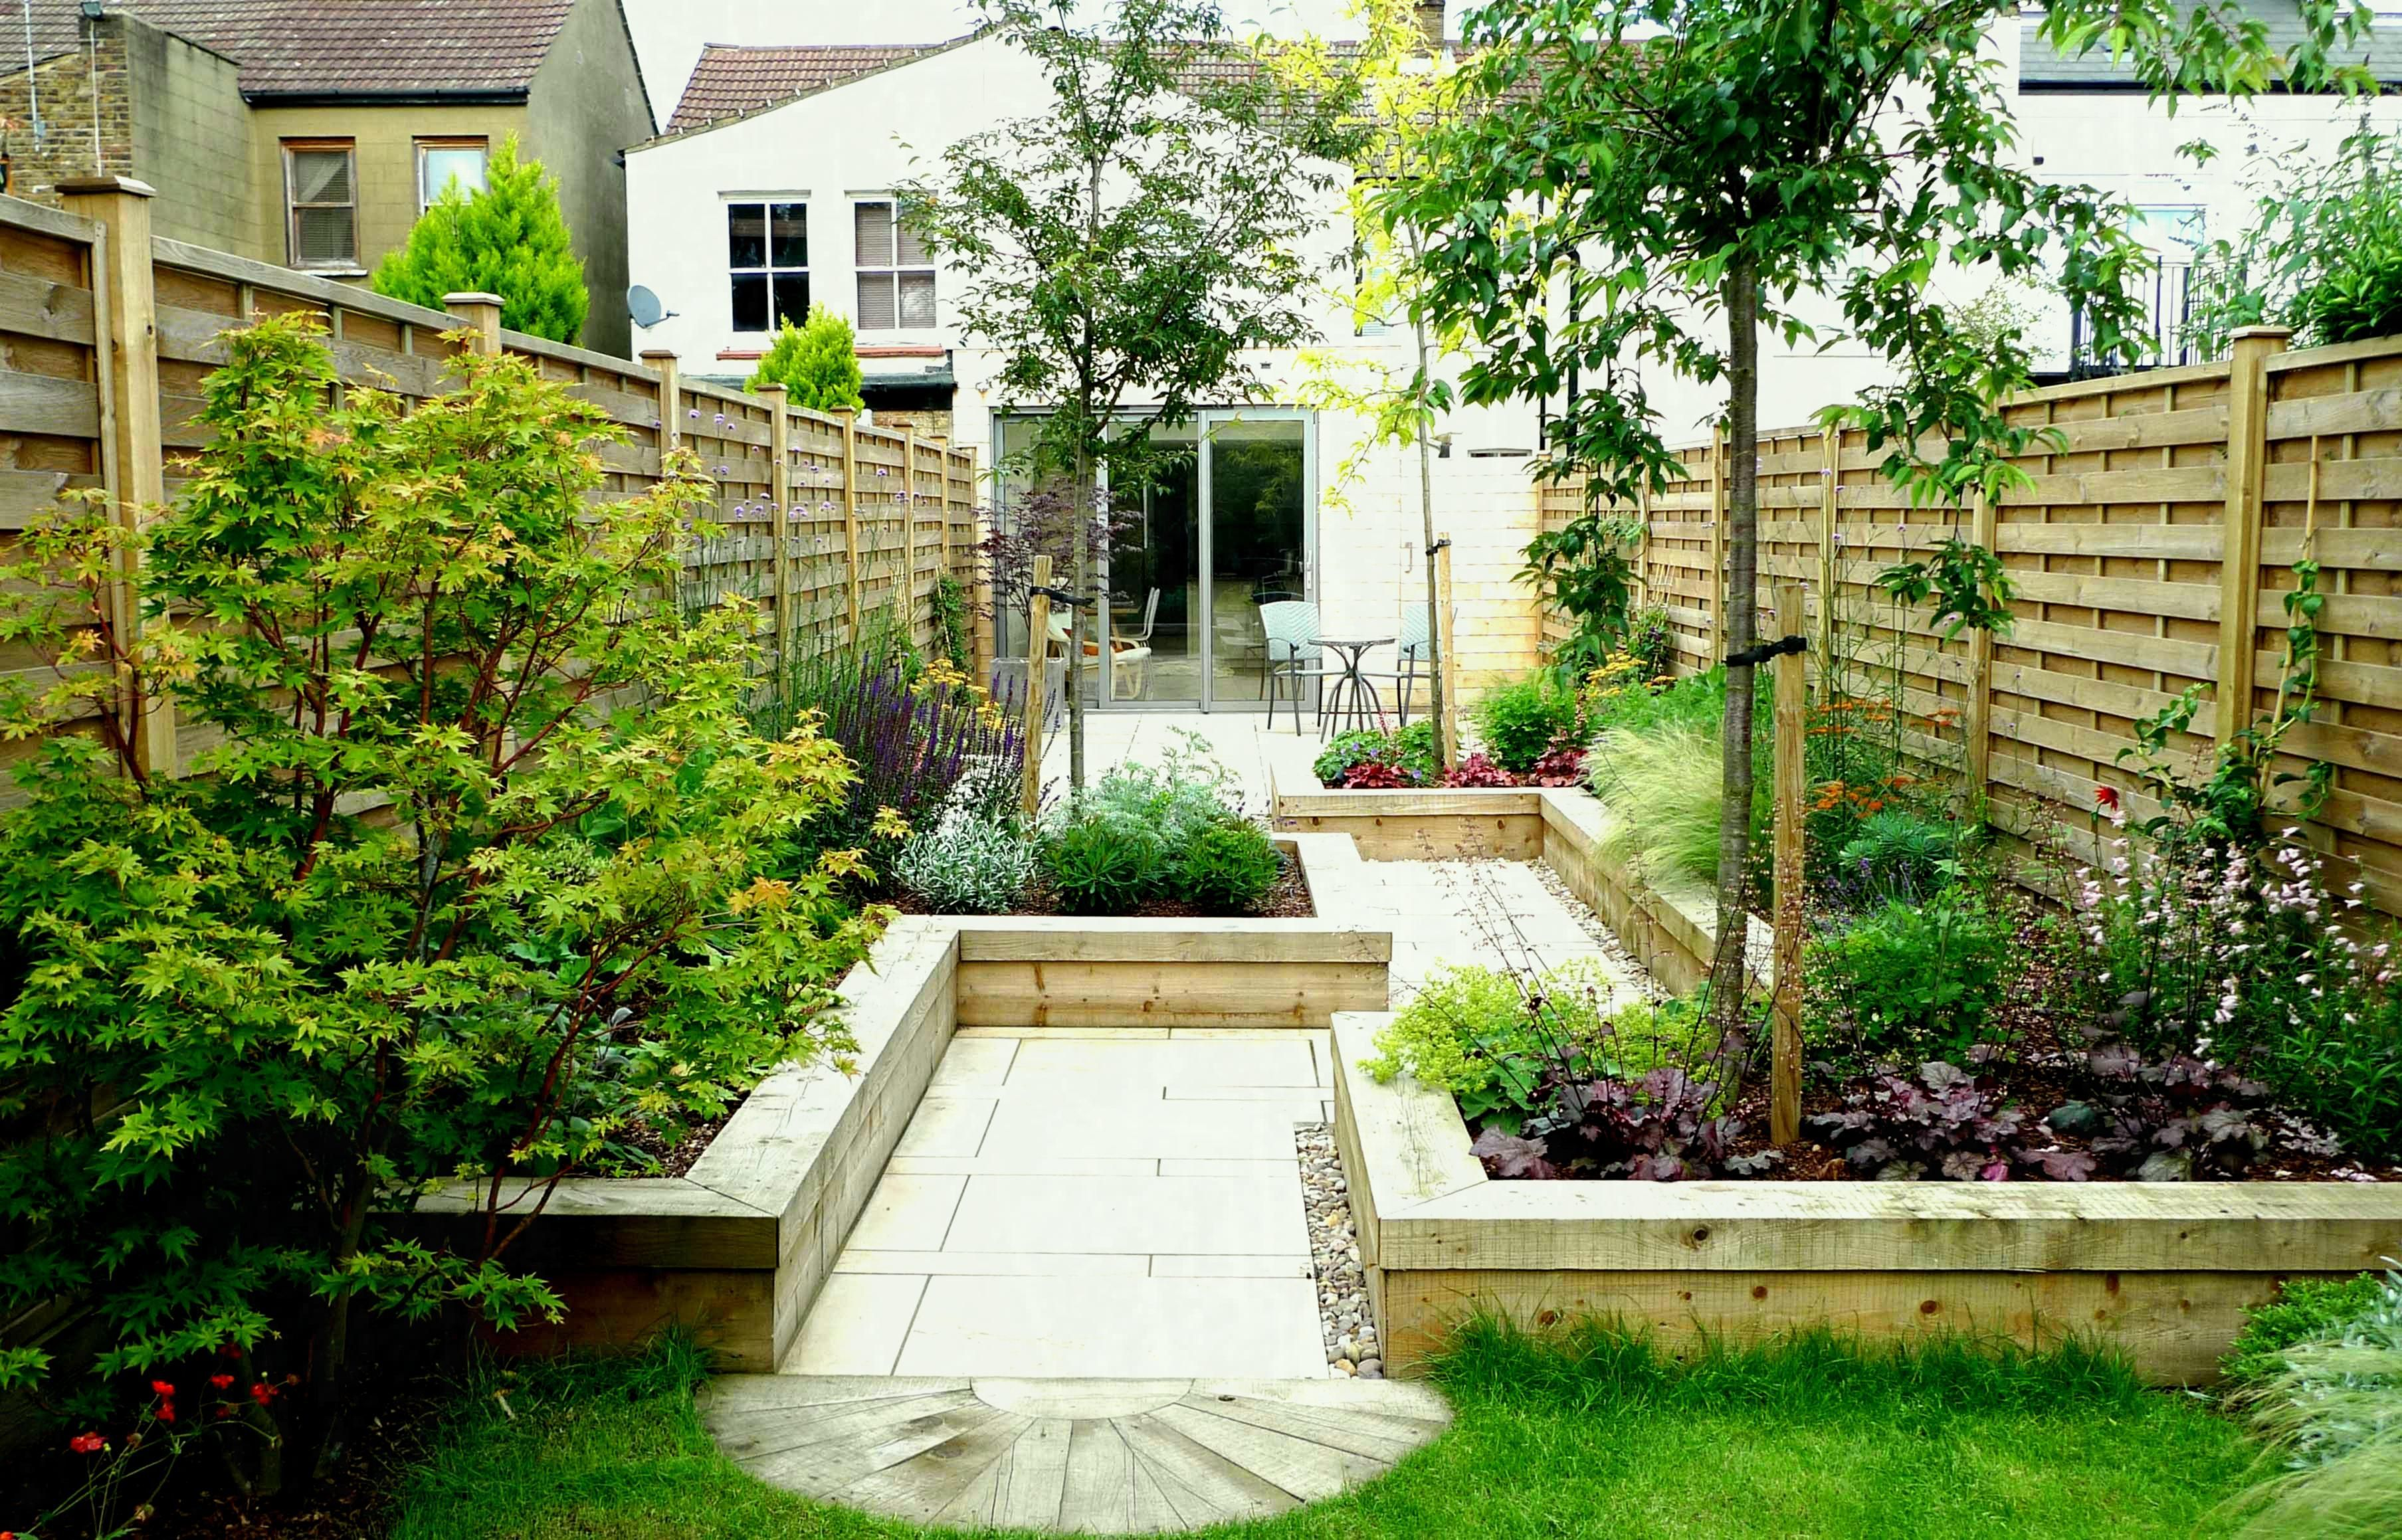 Garden Small Home Garden Plans Very Small Garden Design Simple Rooftopgarden Rooftop Garden Small In 2020 Backyard Garden Design Garden Layout Small Garden Design